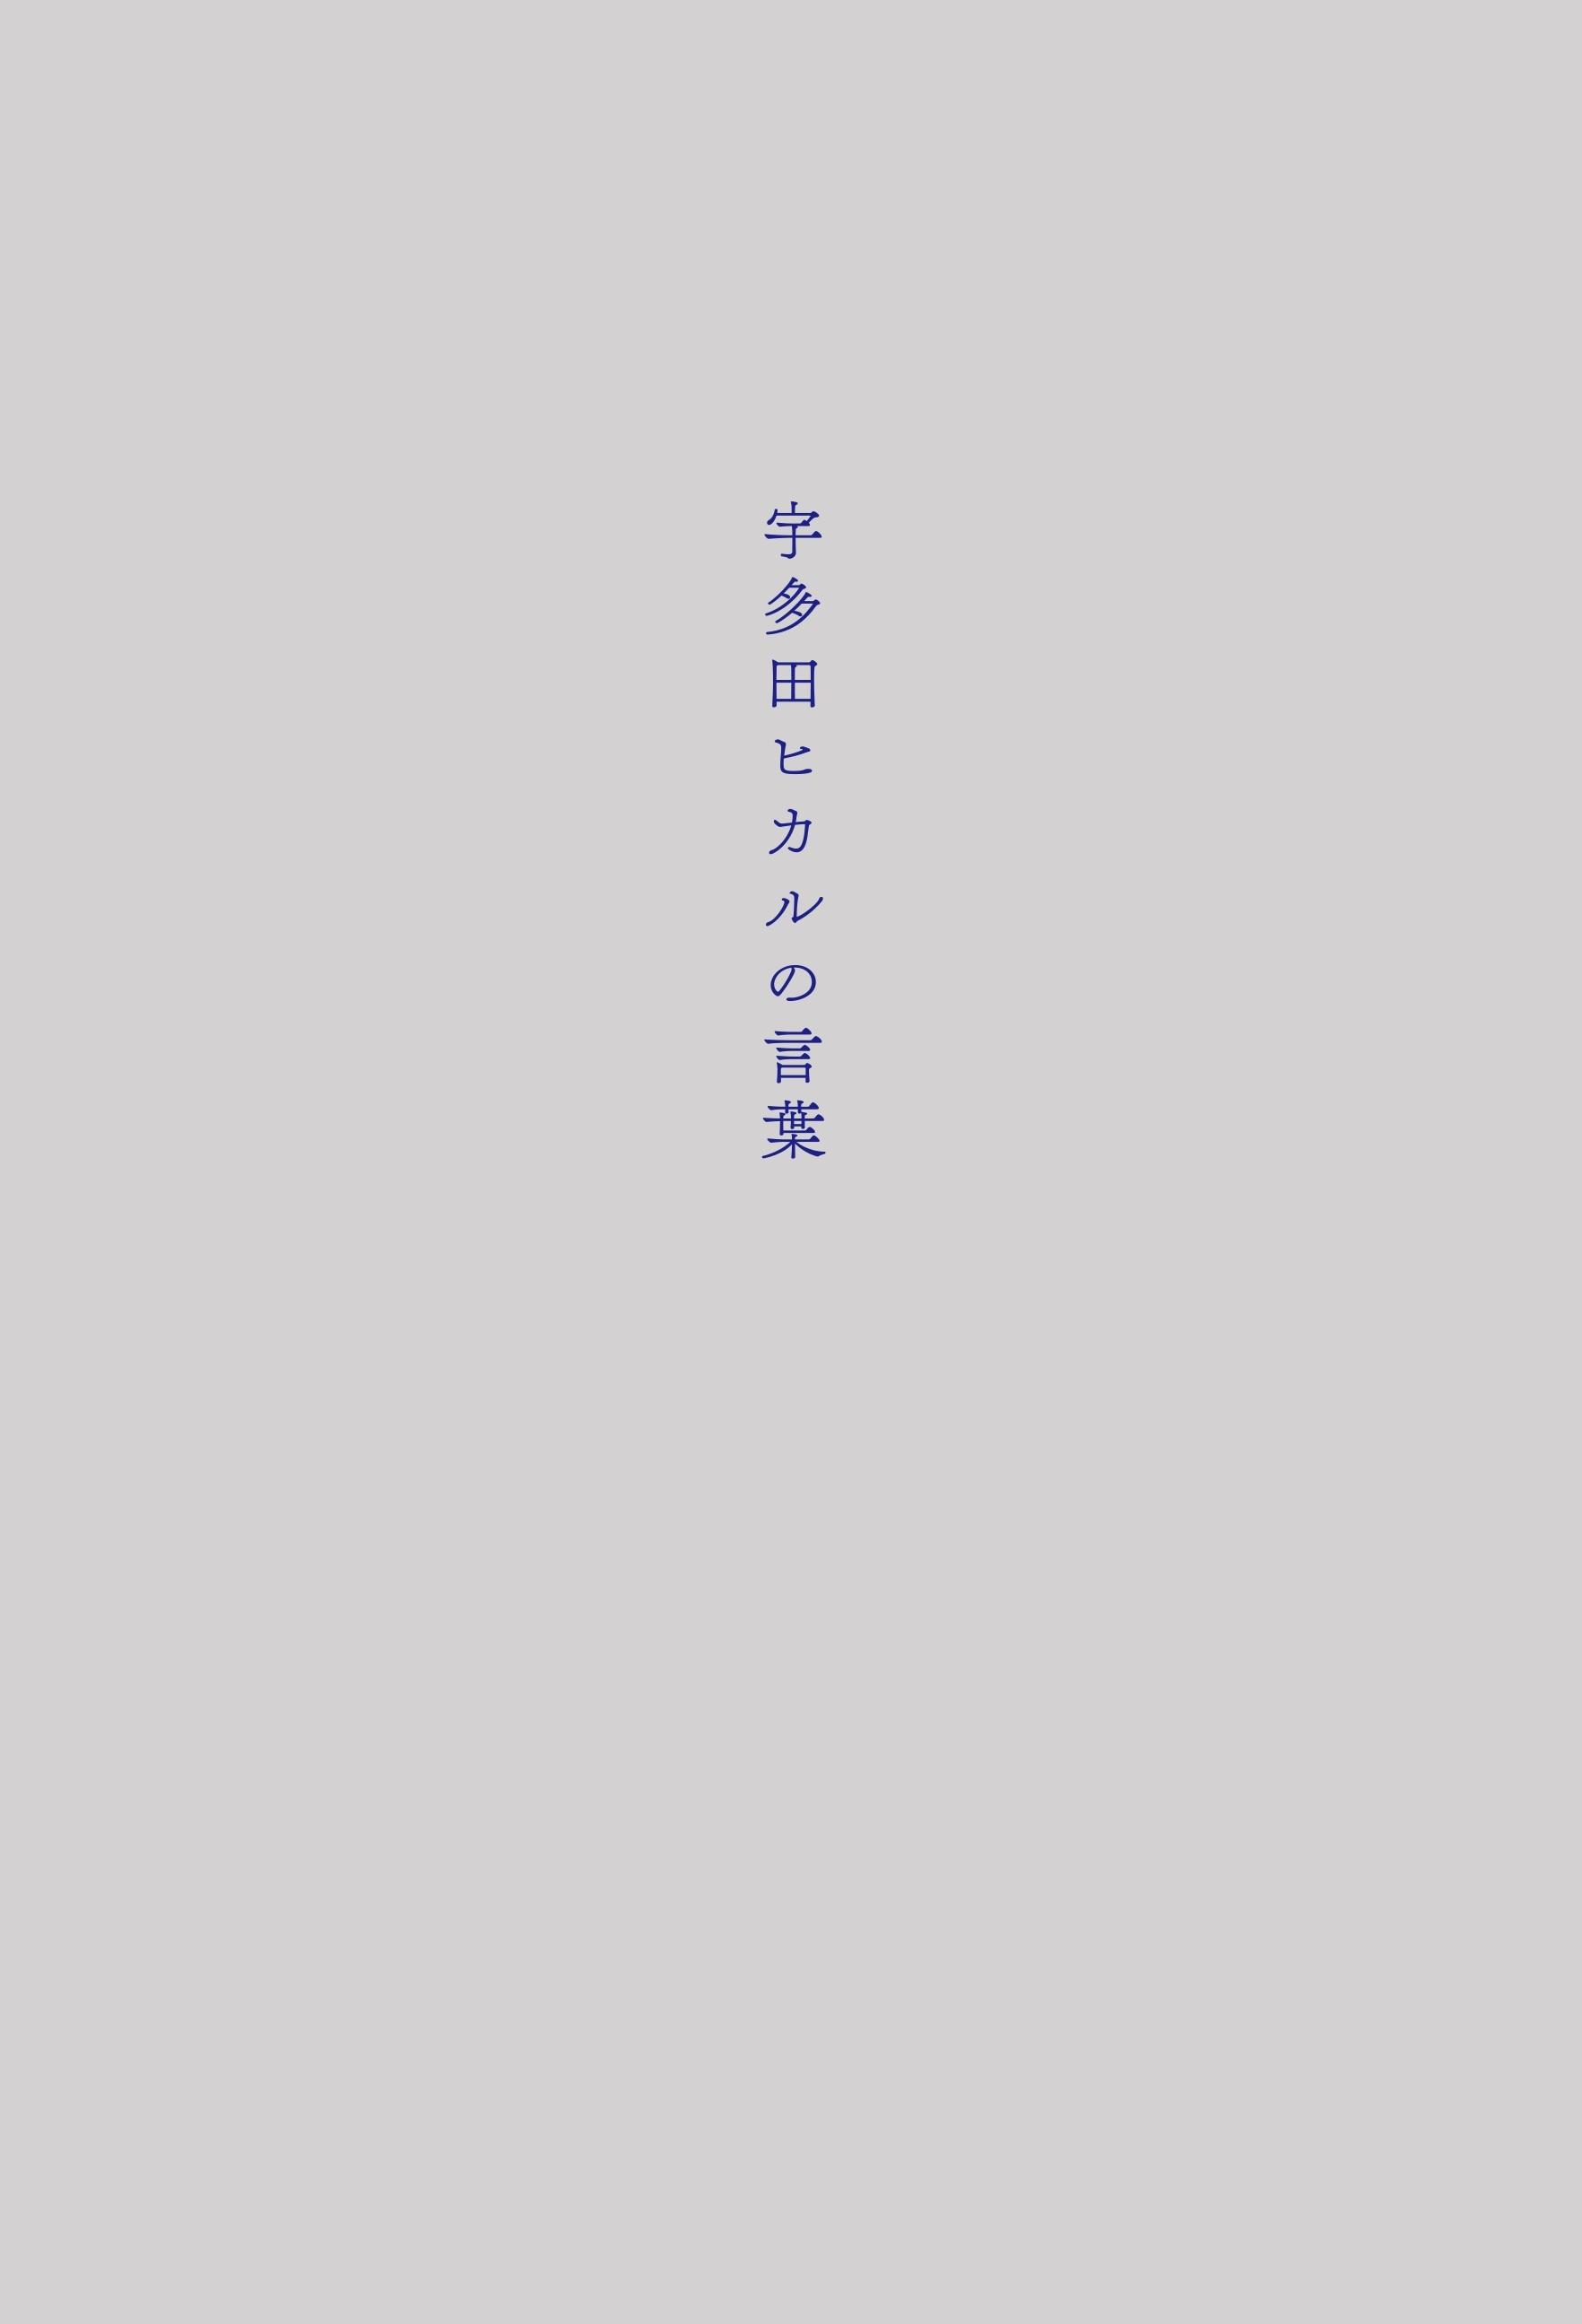 『宇多田ヒカルの言葉』